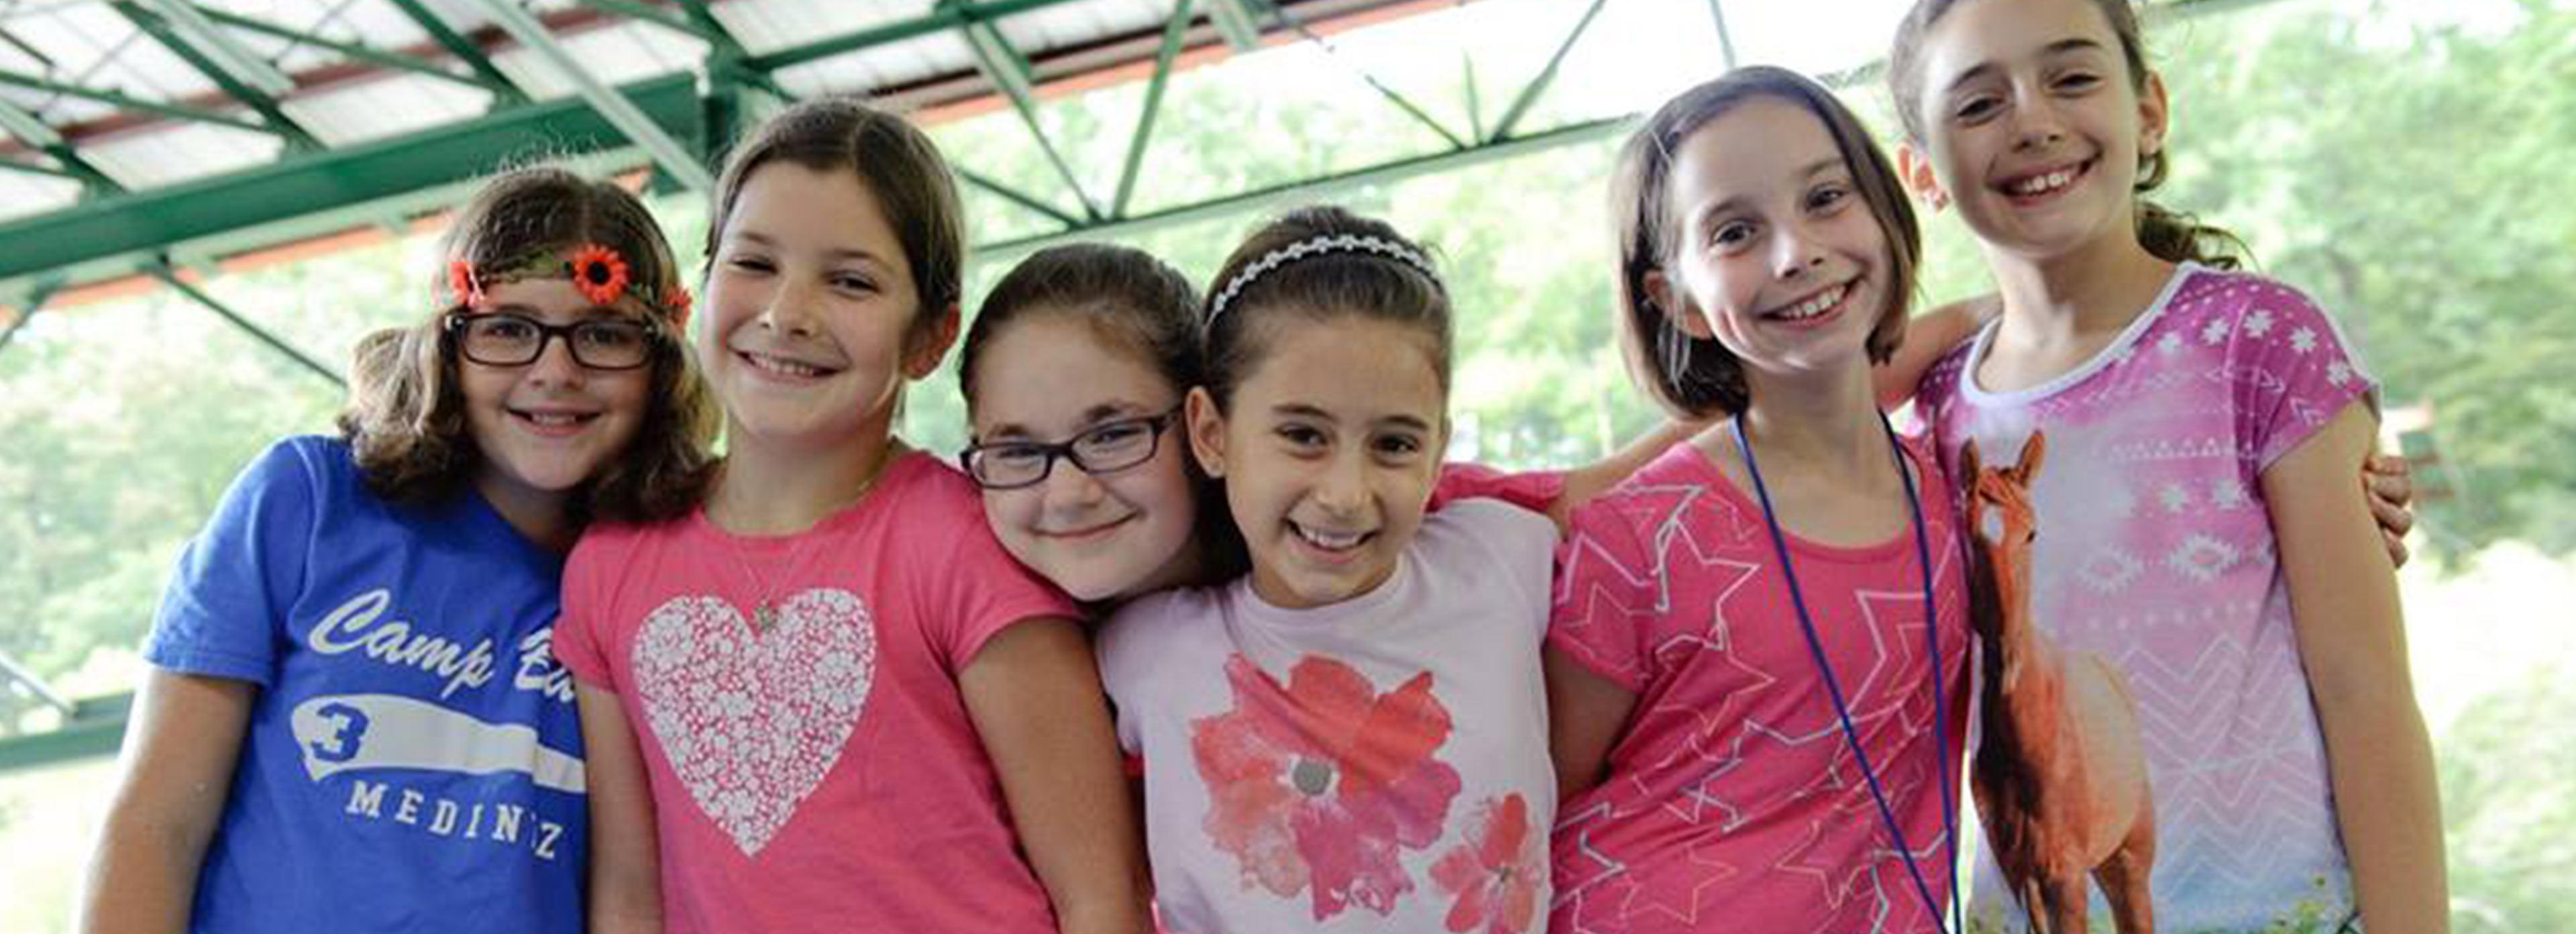 Making Jewish grants for Jewish girls. That's JWFA.